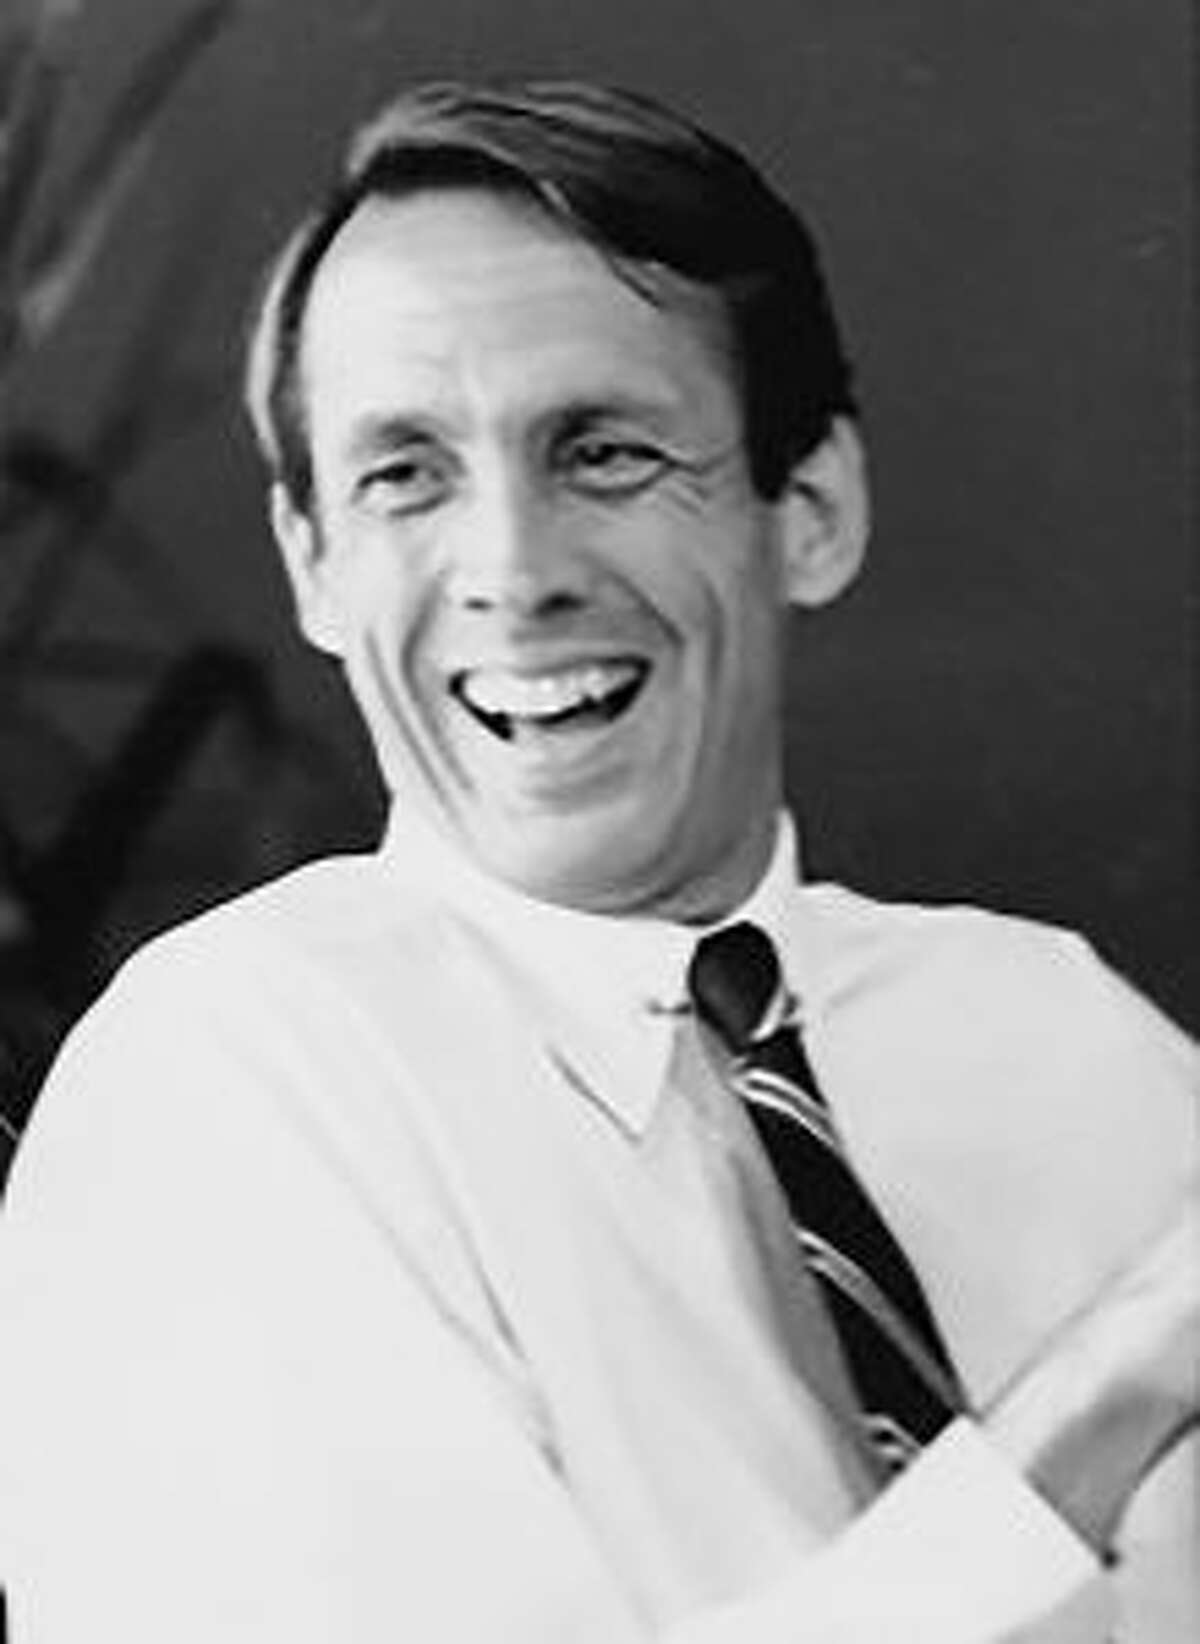 Peter Buckley Garrison